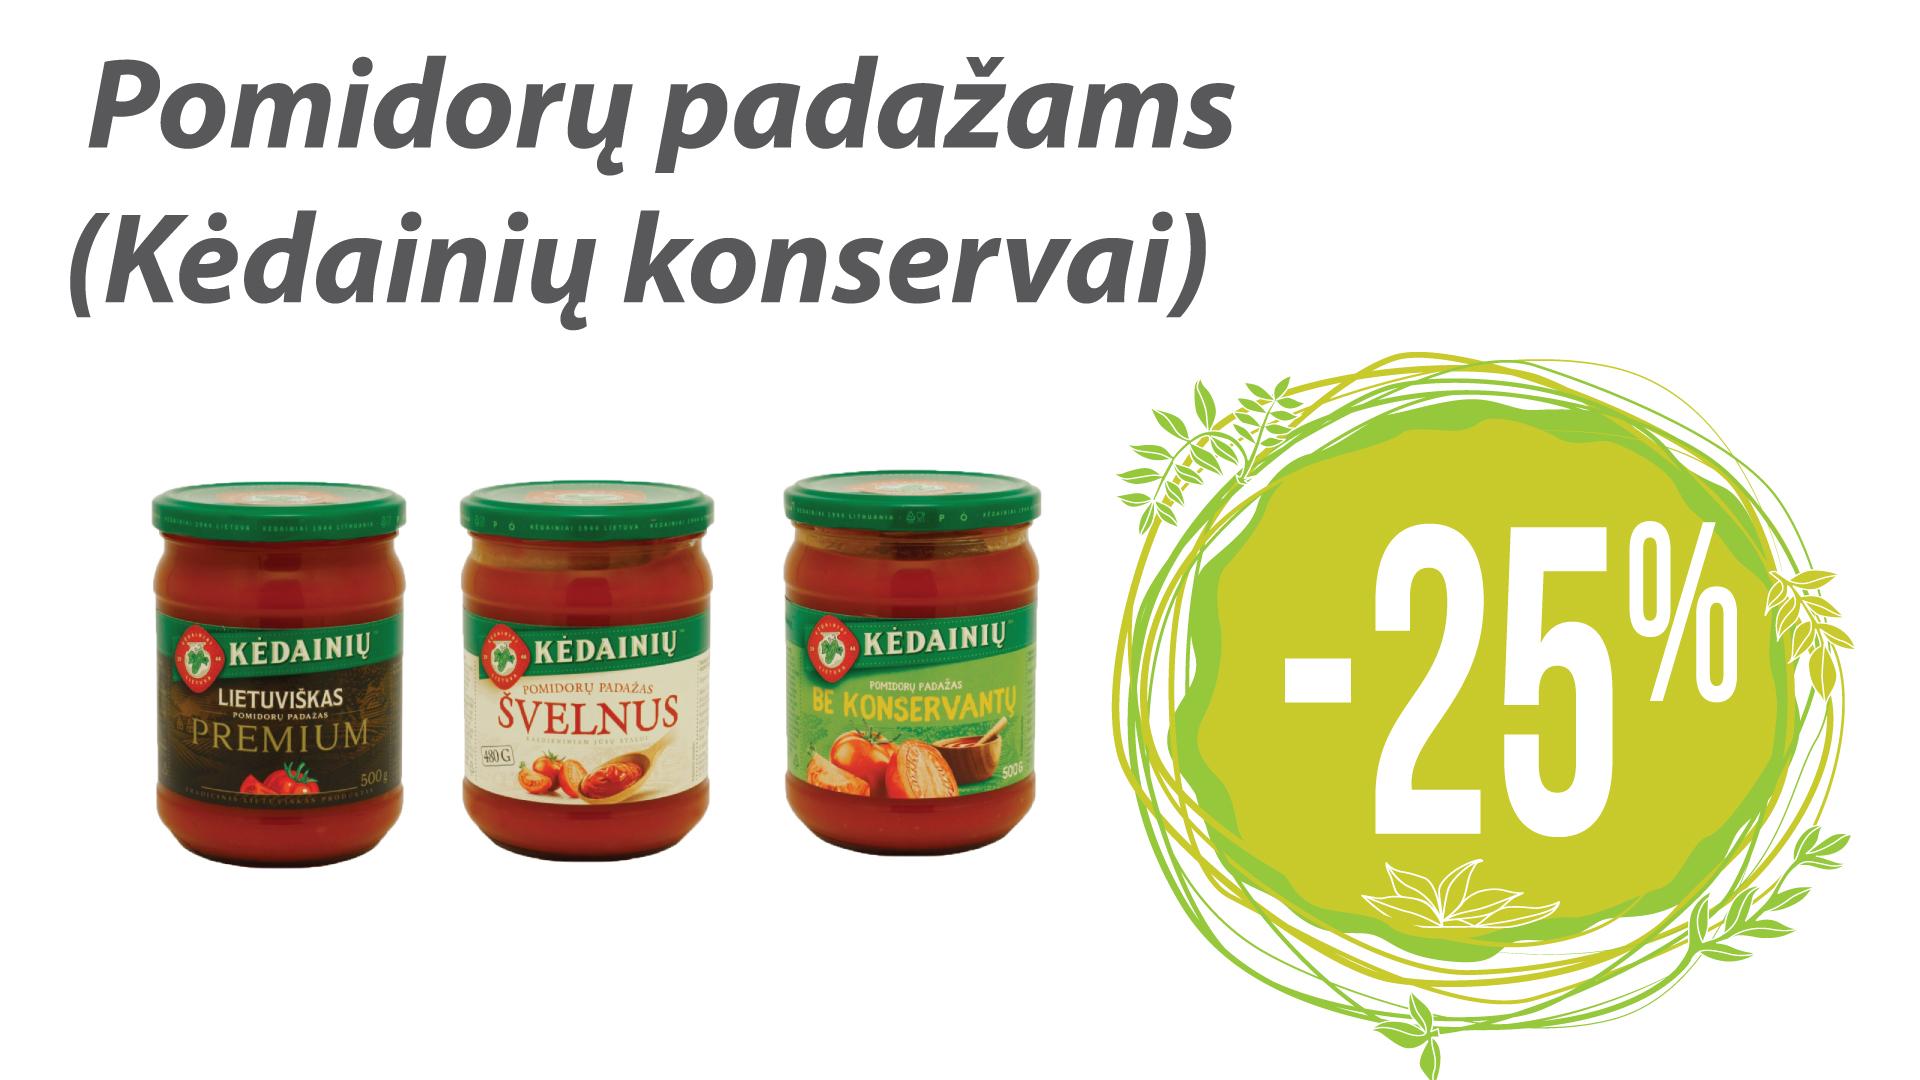 pomidorup